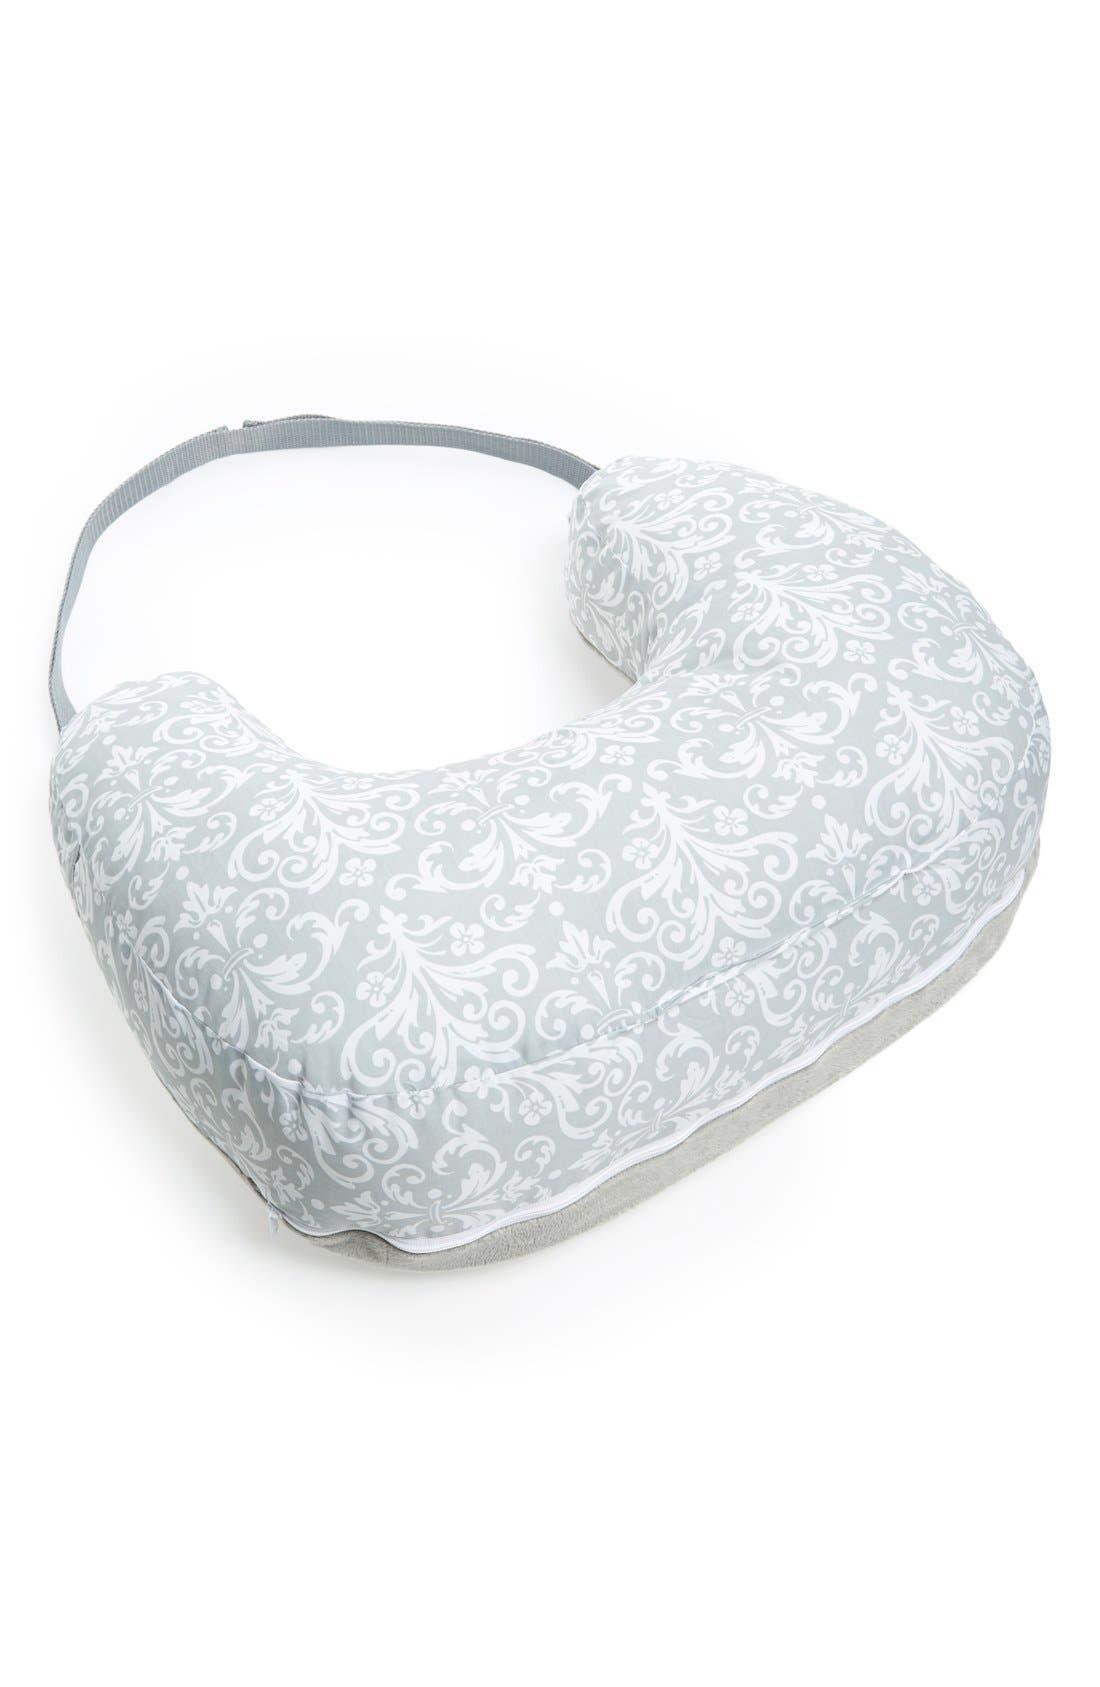 BoppyTwo Sided Breastfeeding Pillow & Slipcover